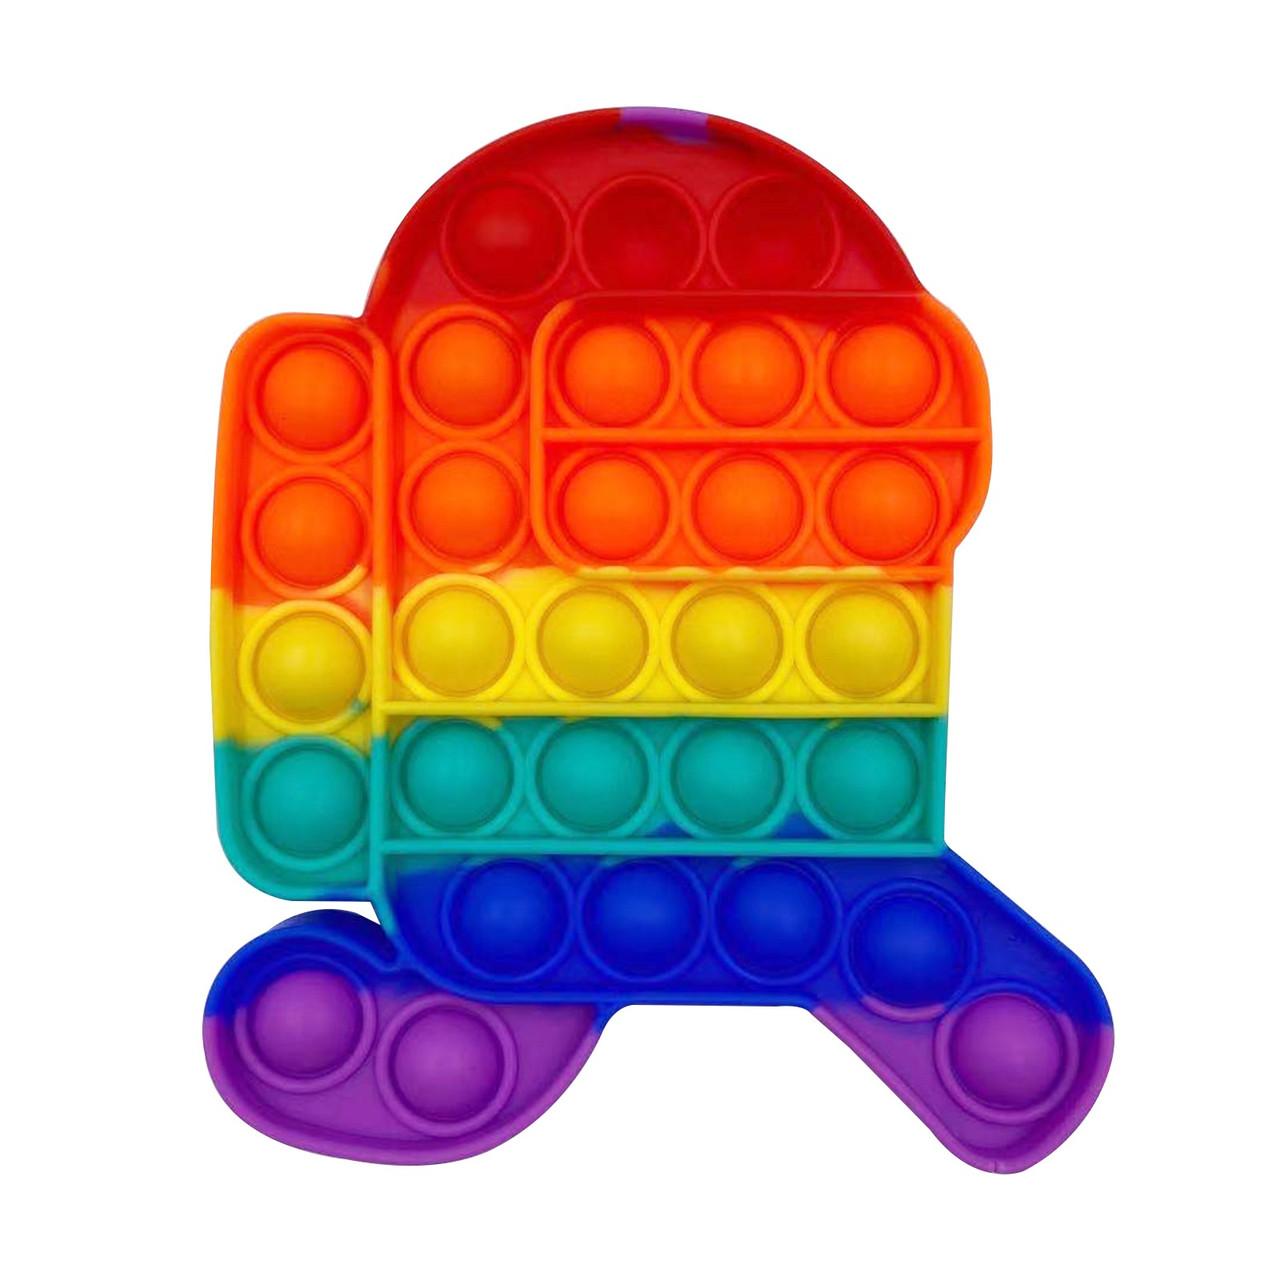 Pop It сенсорная игрушка, пупырка, поп ит антистресс, pop it fidget, попит, дудл радужный